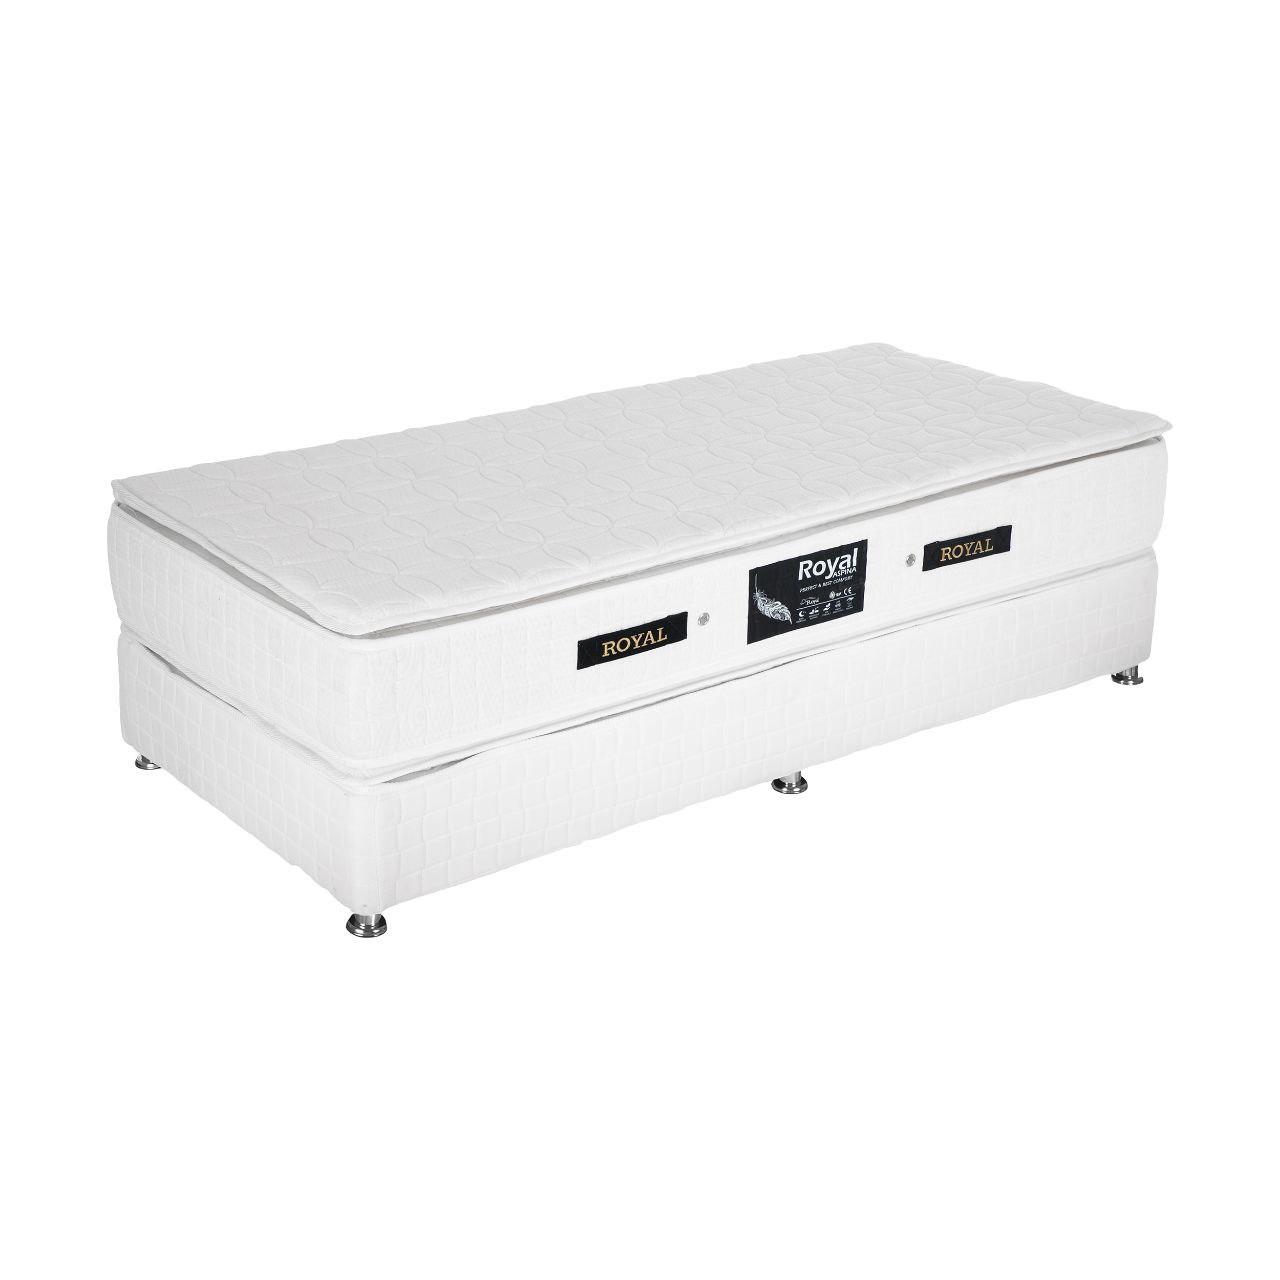 تخت خواب رویال کد BF900 یک نفره سایز 180 × 80 سانتیمتر